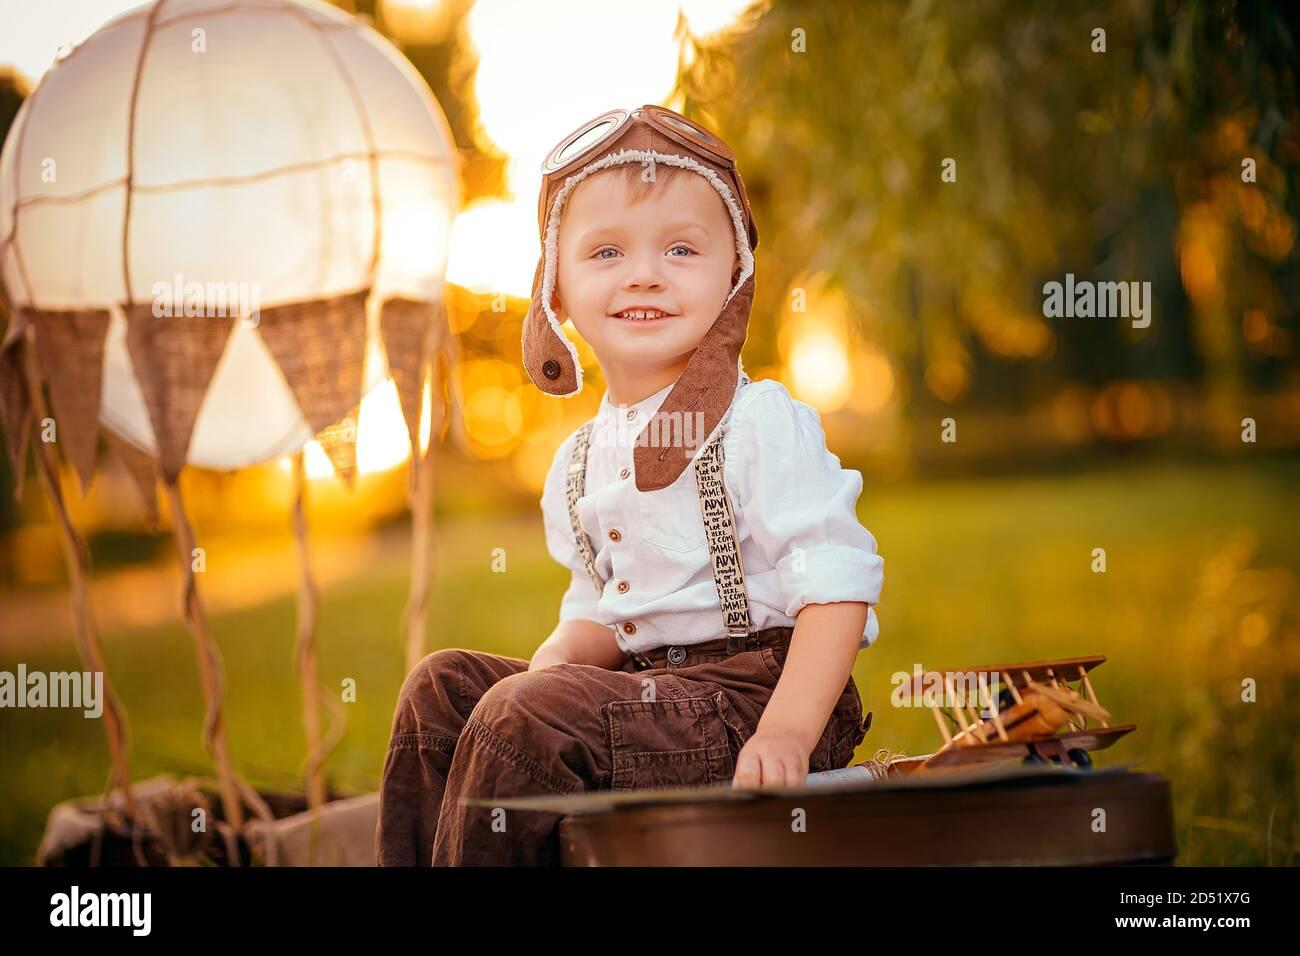 Un petit garçon rêve de devenir pilote. Chapeau d'aviation vintage. Banque D'Images